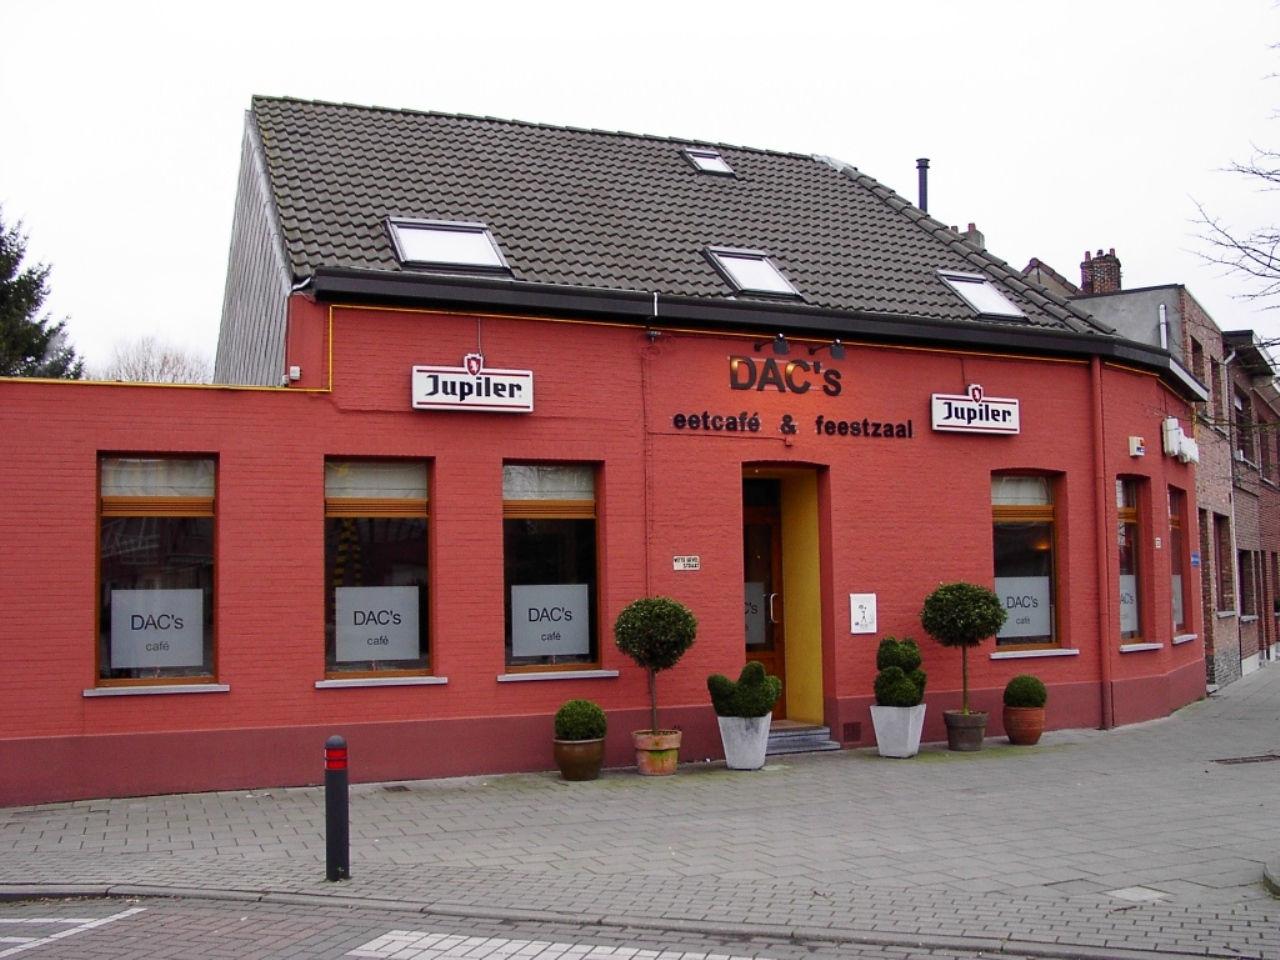 eetcafe rijnsburg